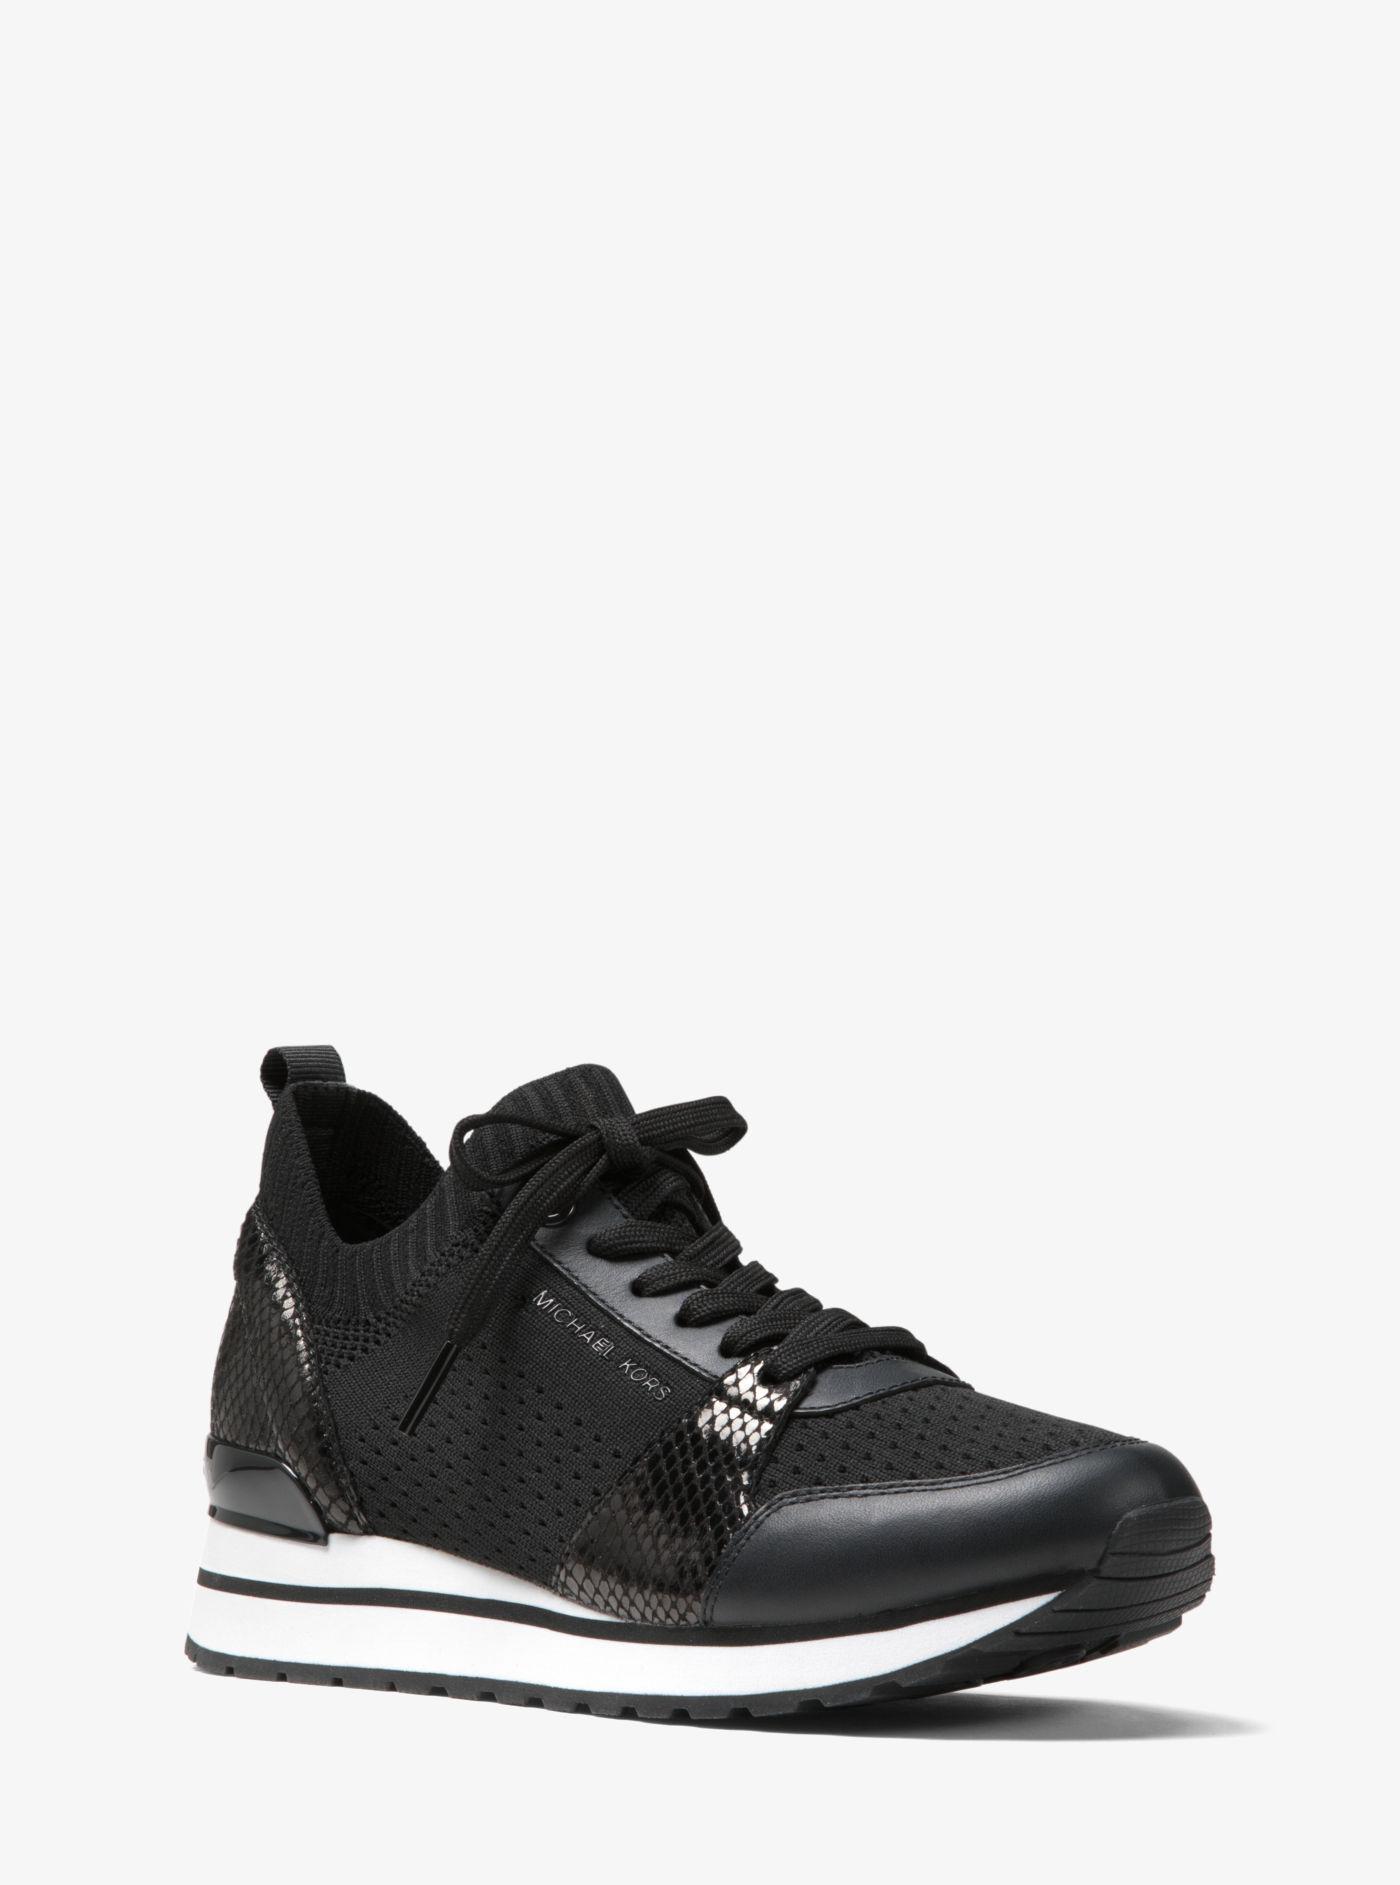 michael kors sneakers billie trainer